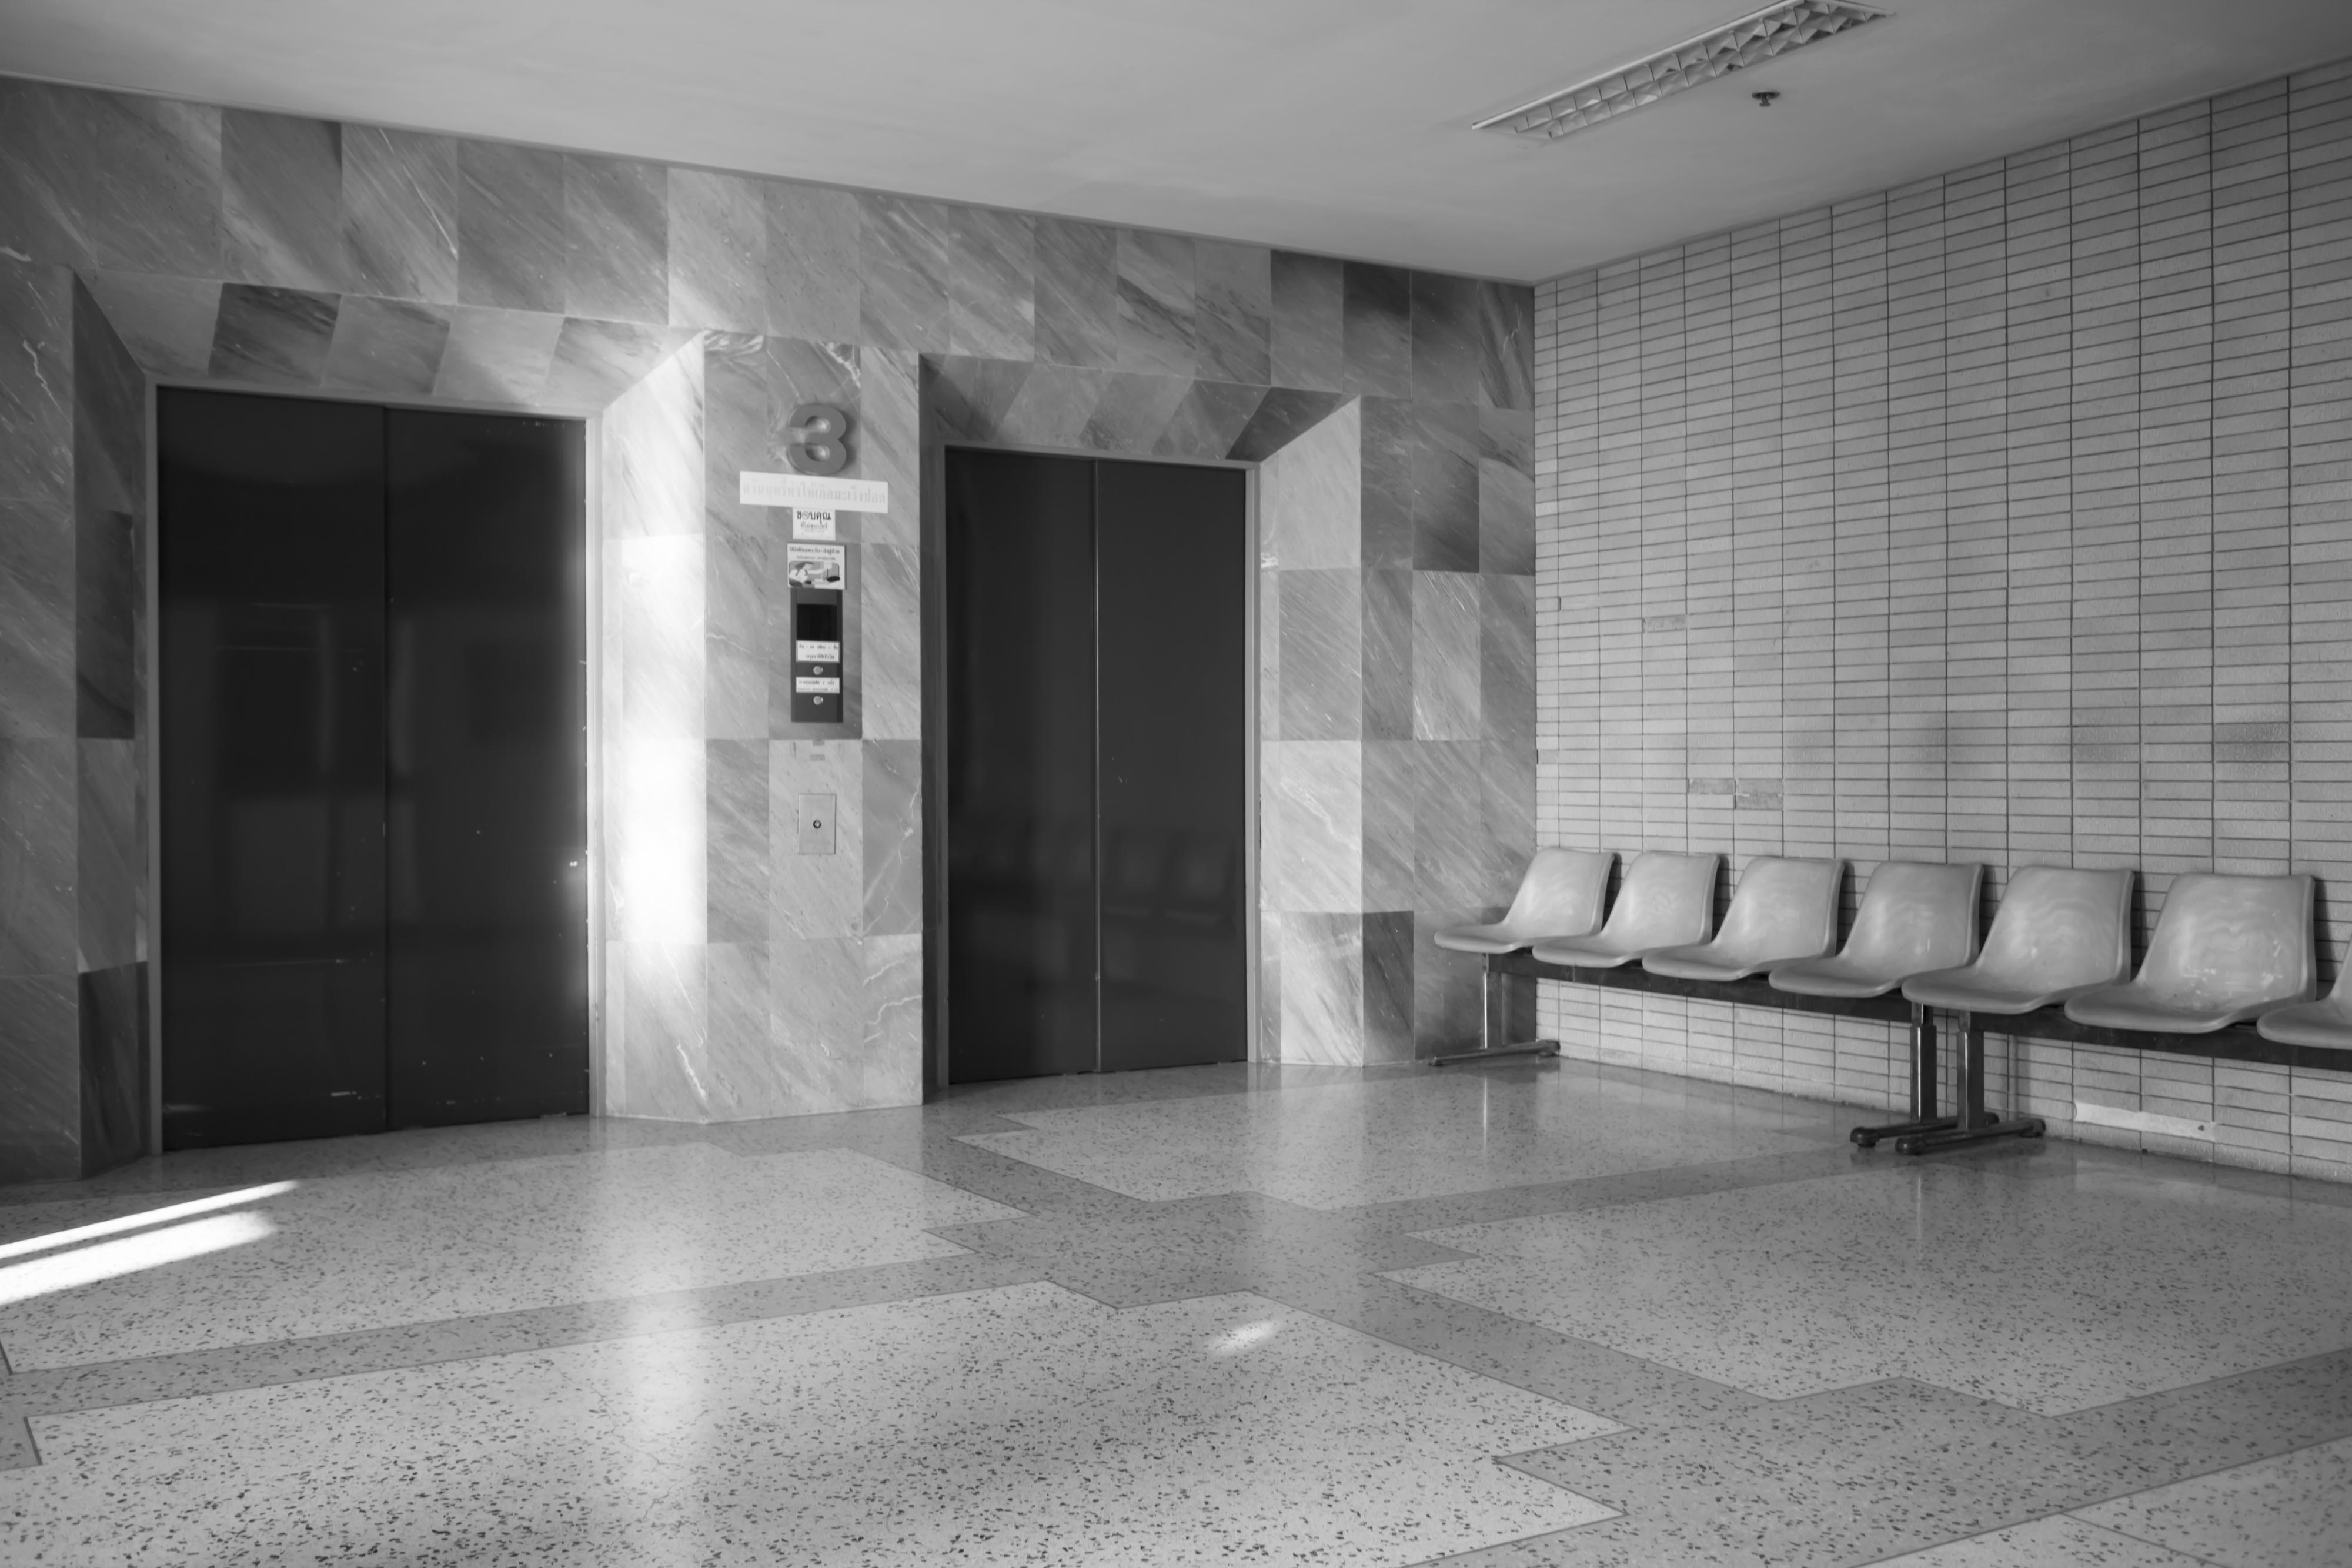 Binnen twee minuten een baan dankzij een elevator pitch in de lift? Bij Hudson's Bay kon het afgelopen juli. / Colourbox